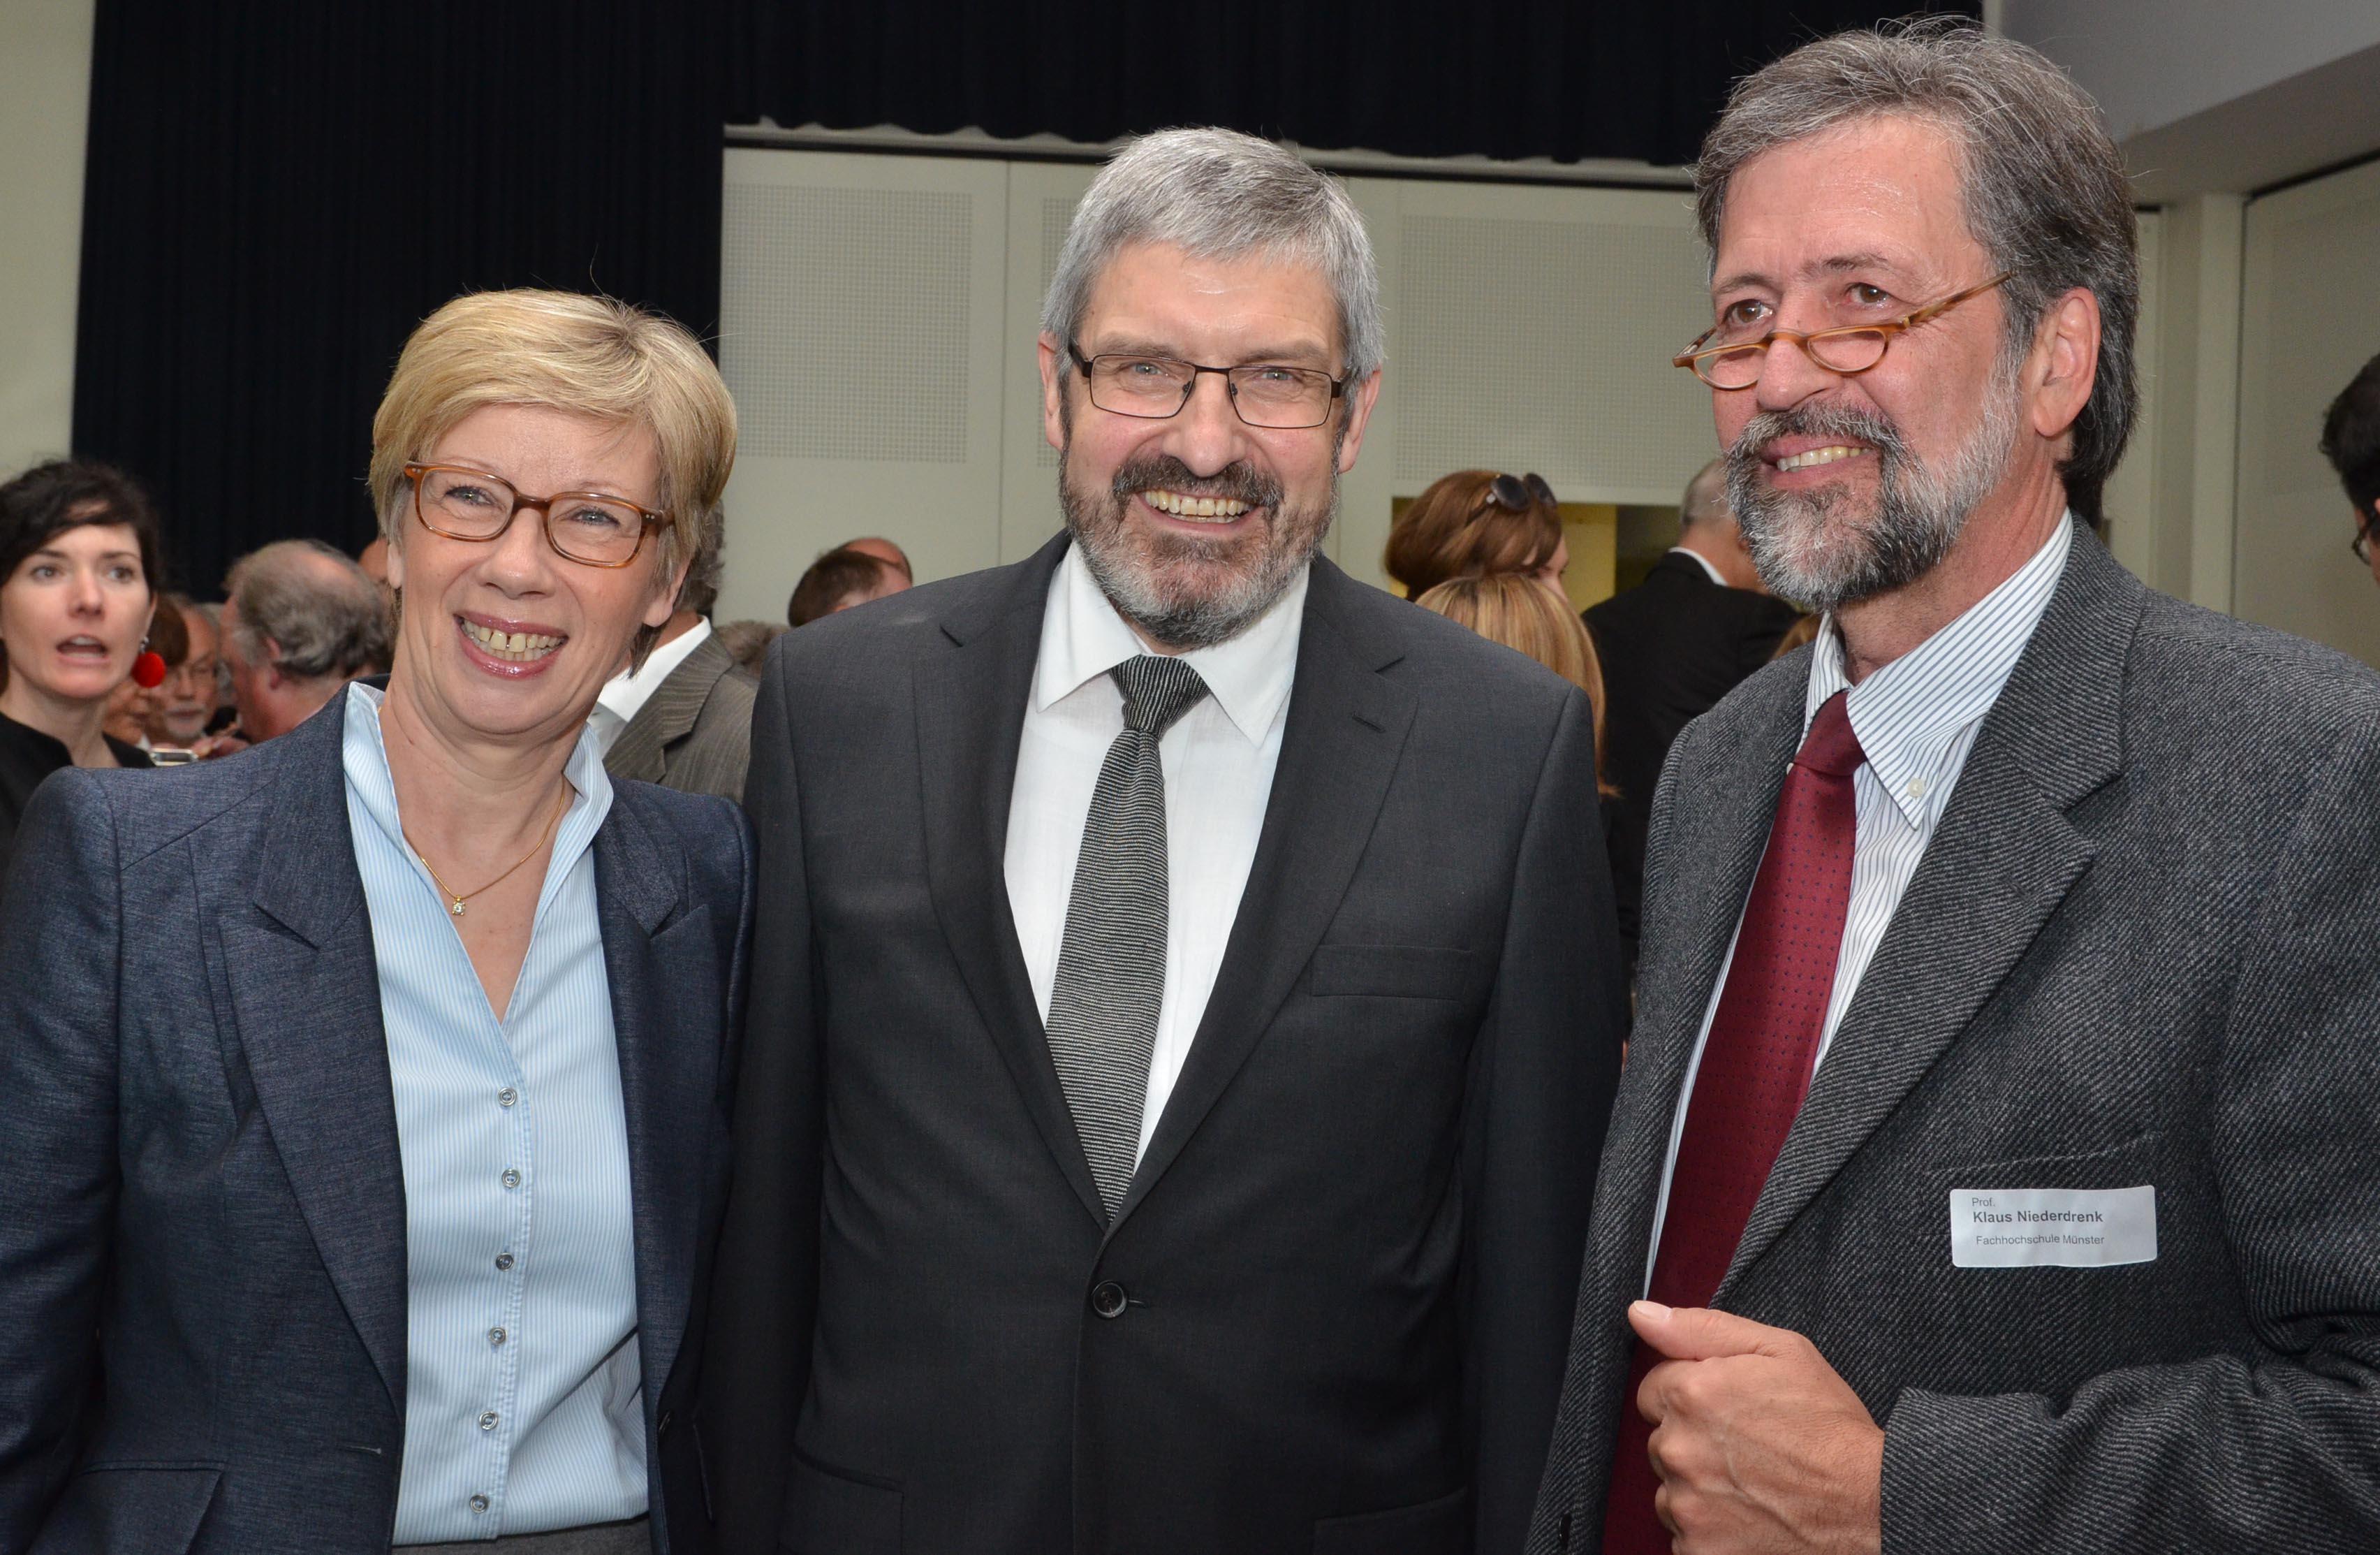 Prof. Dr. Ute von Lojewski Dr. Werner Jubelius und Prof. Dr. Klaus Niederdrenk